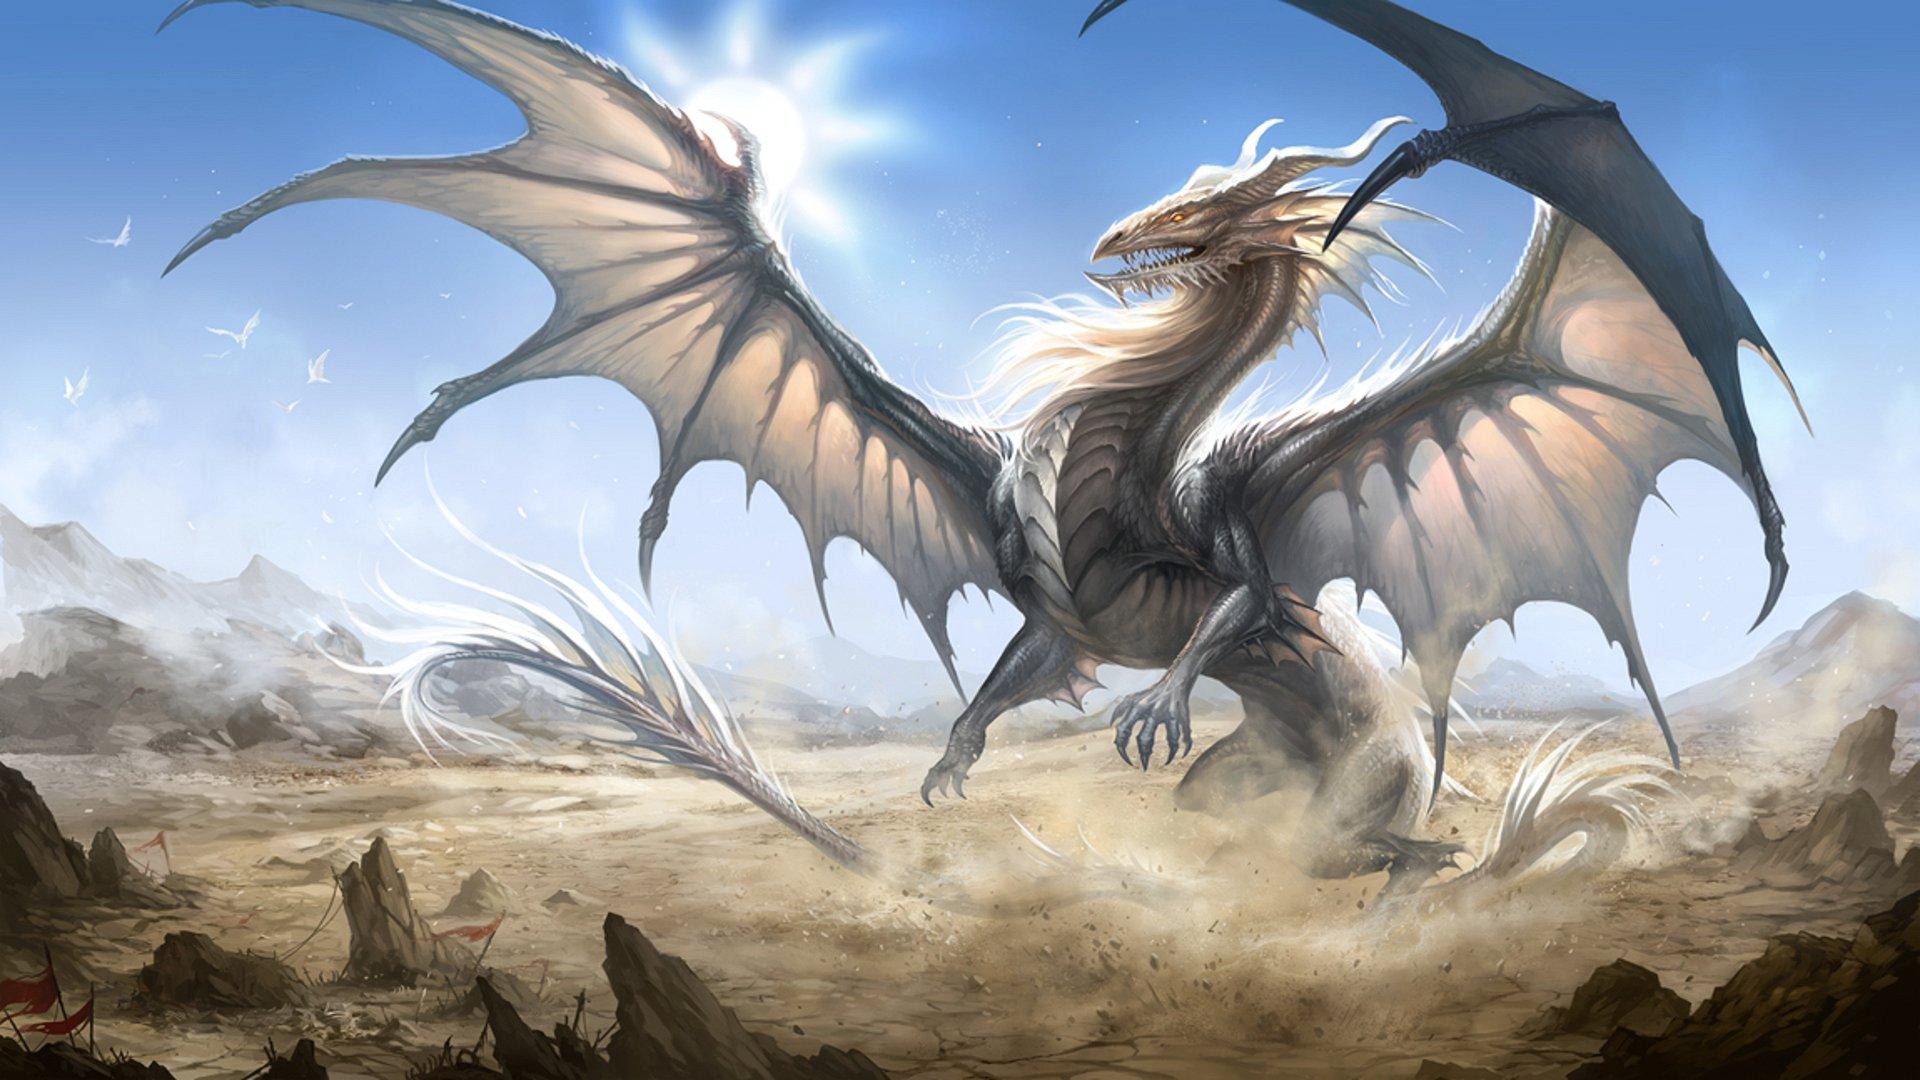 Ogo9ws8 Png 1920 1080 Fantasy Dragon Dragon Pictures White Dragon